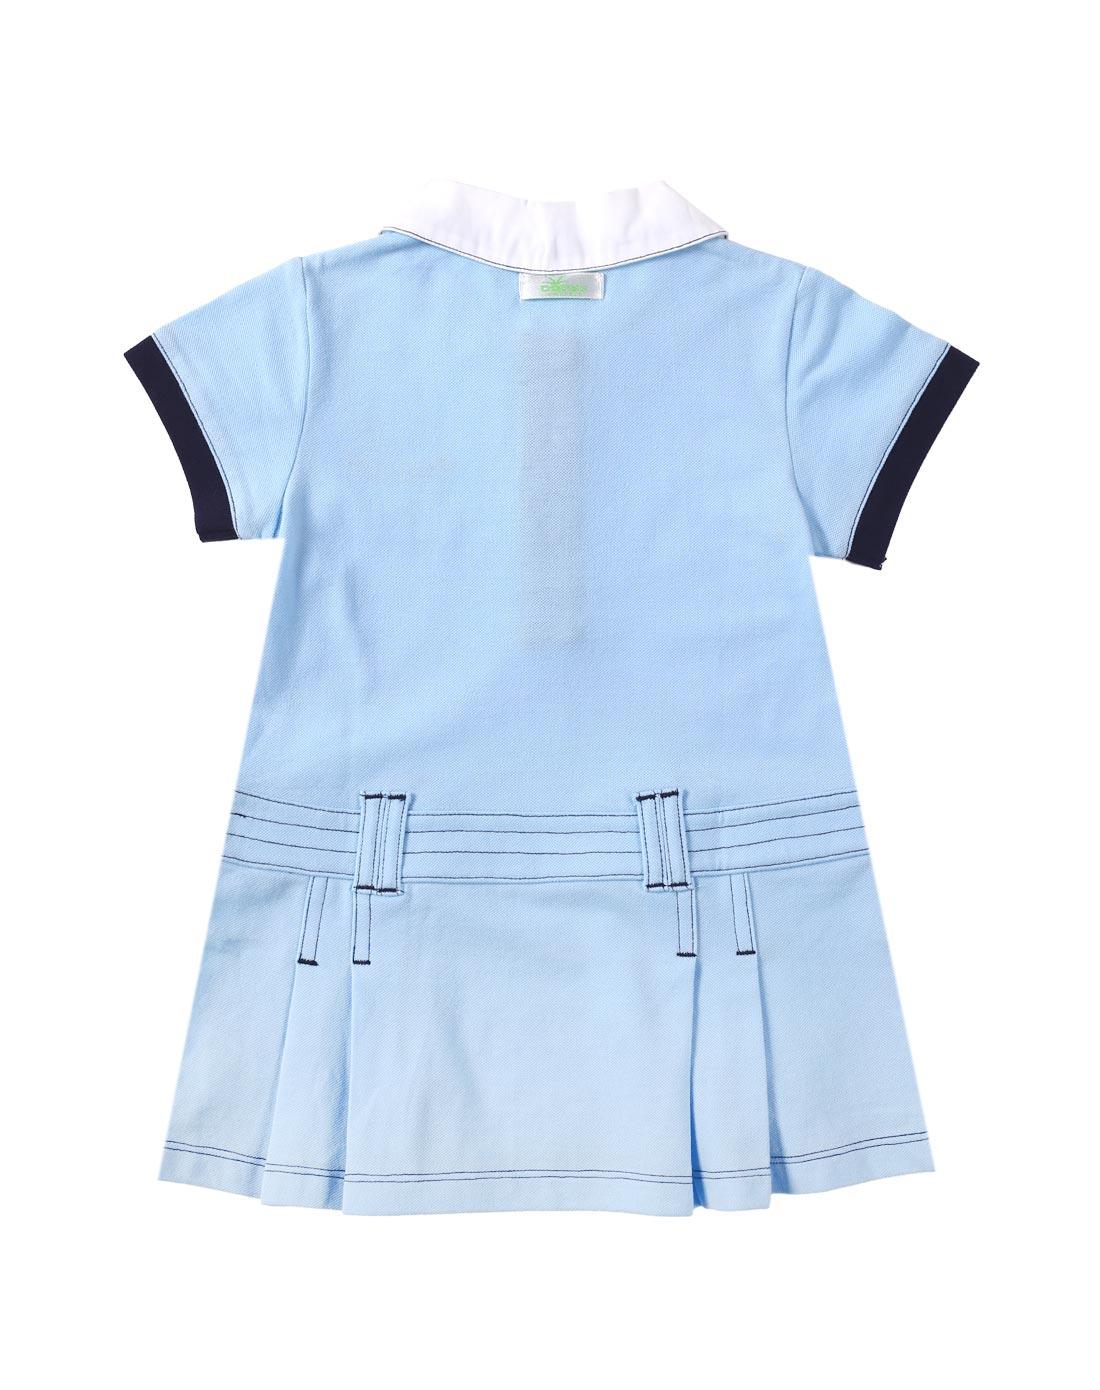 饰专场女童天蓝色可爱裙子